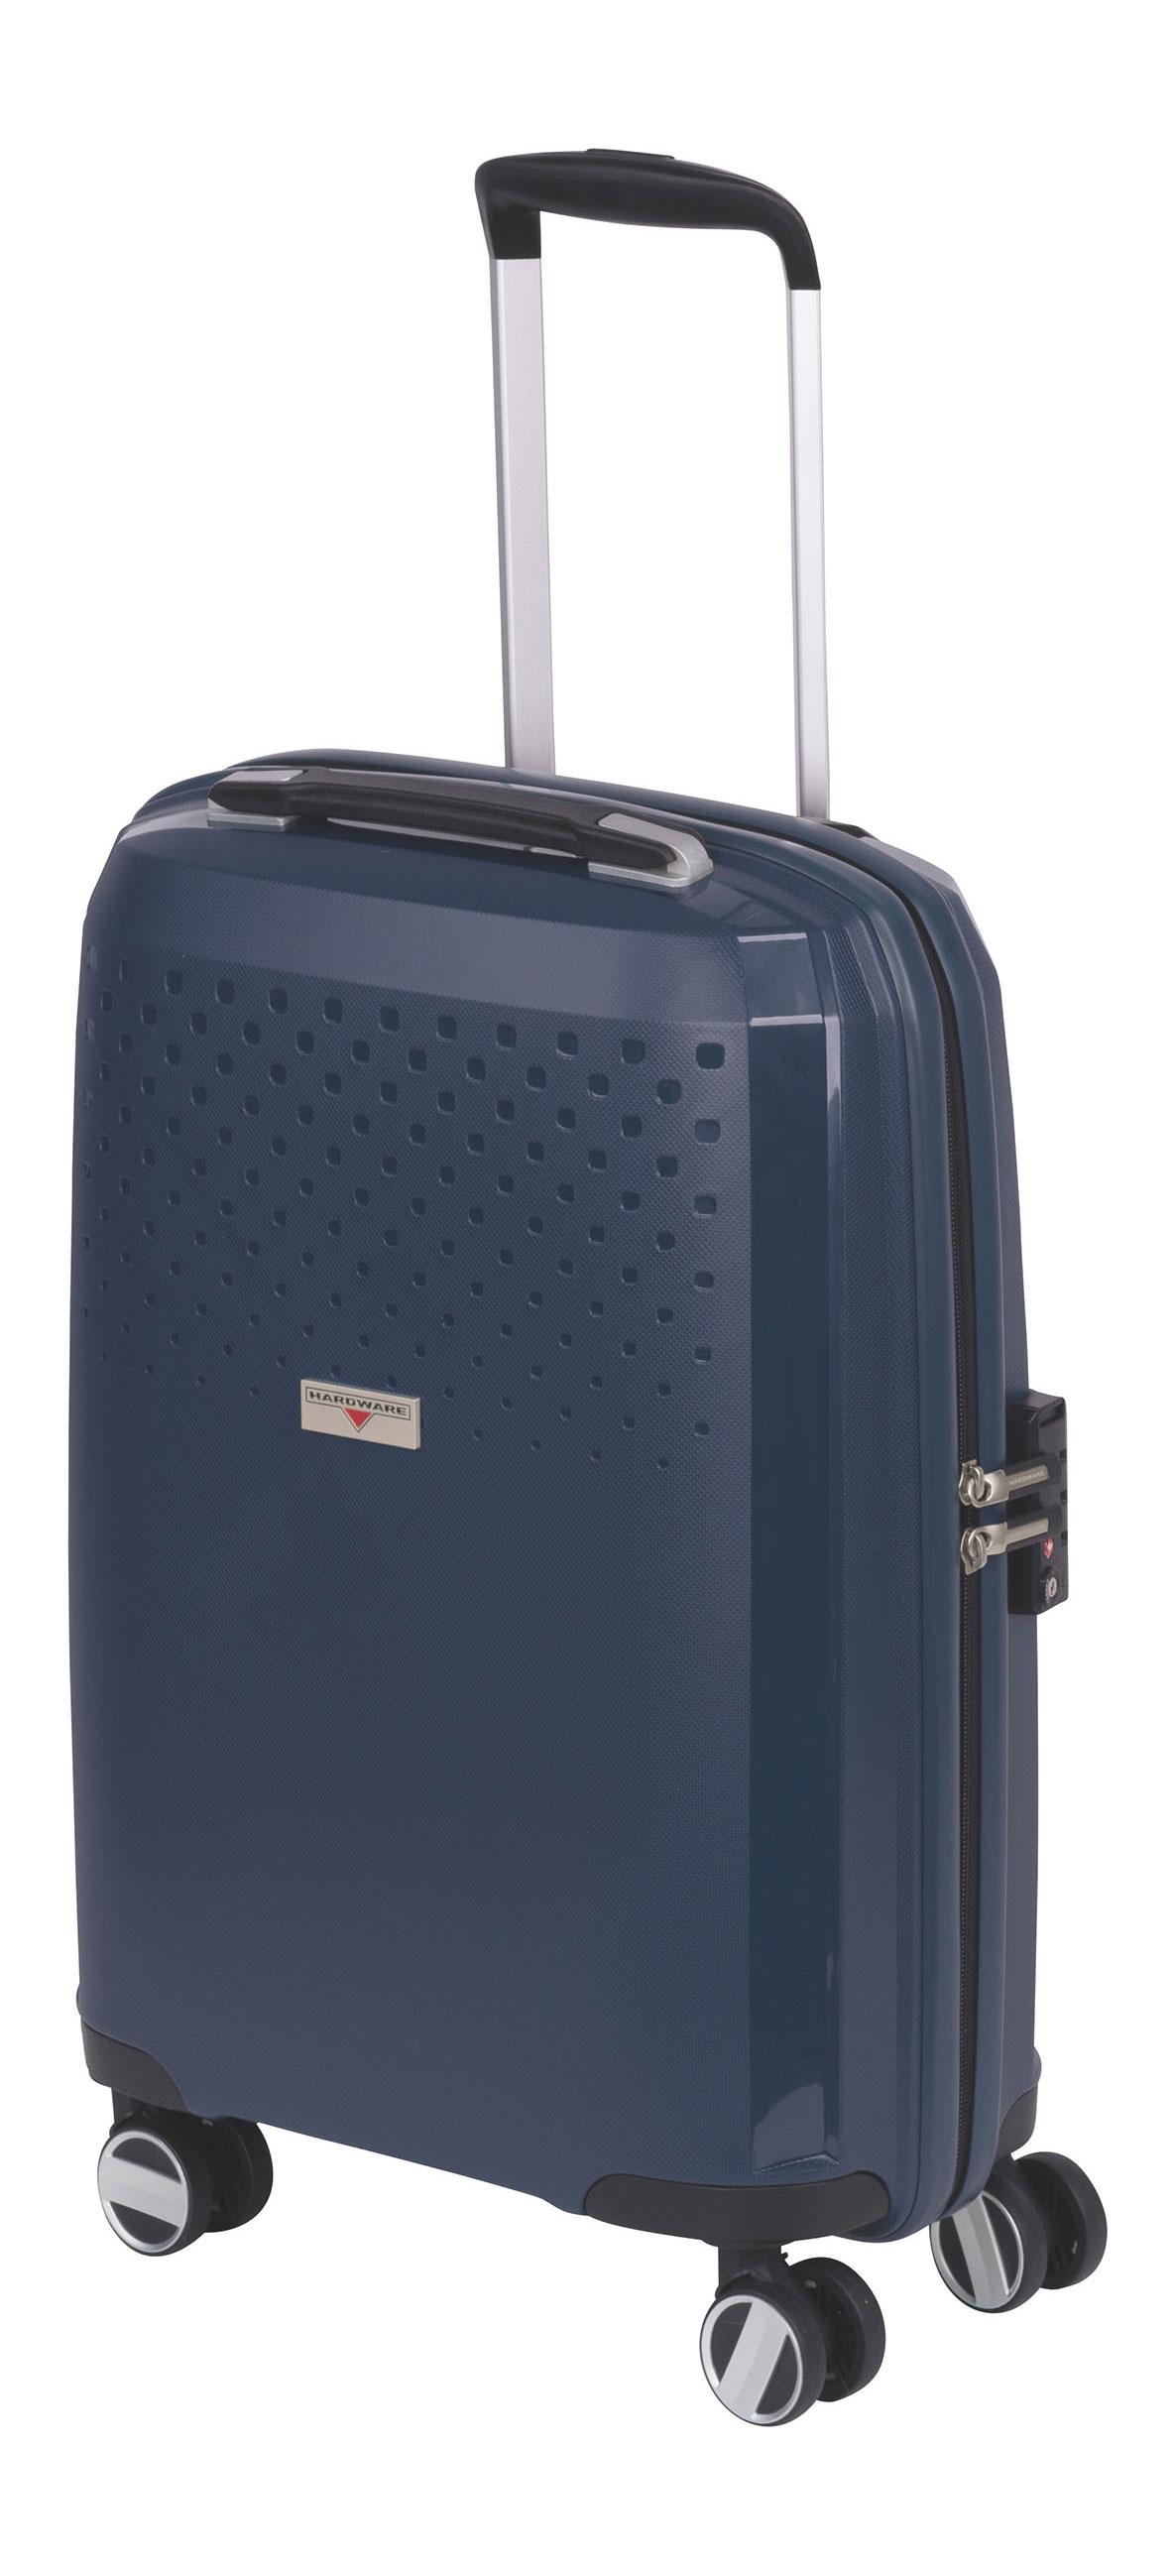 Dark S Hardware Im Trolley Blue Kaufen Reisegepäck Günstig Bubbles b7vYfg6y